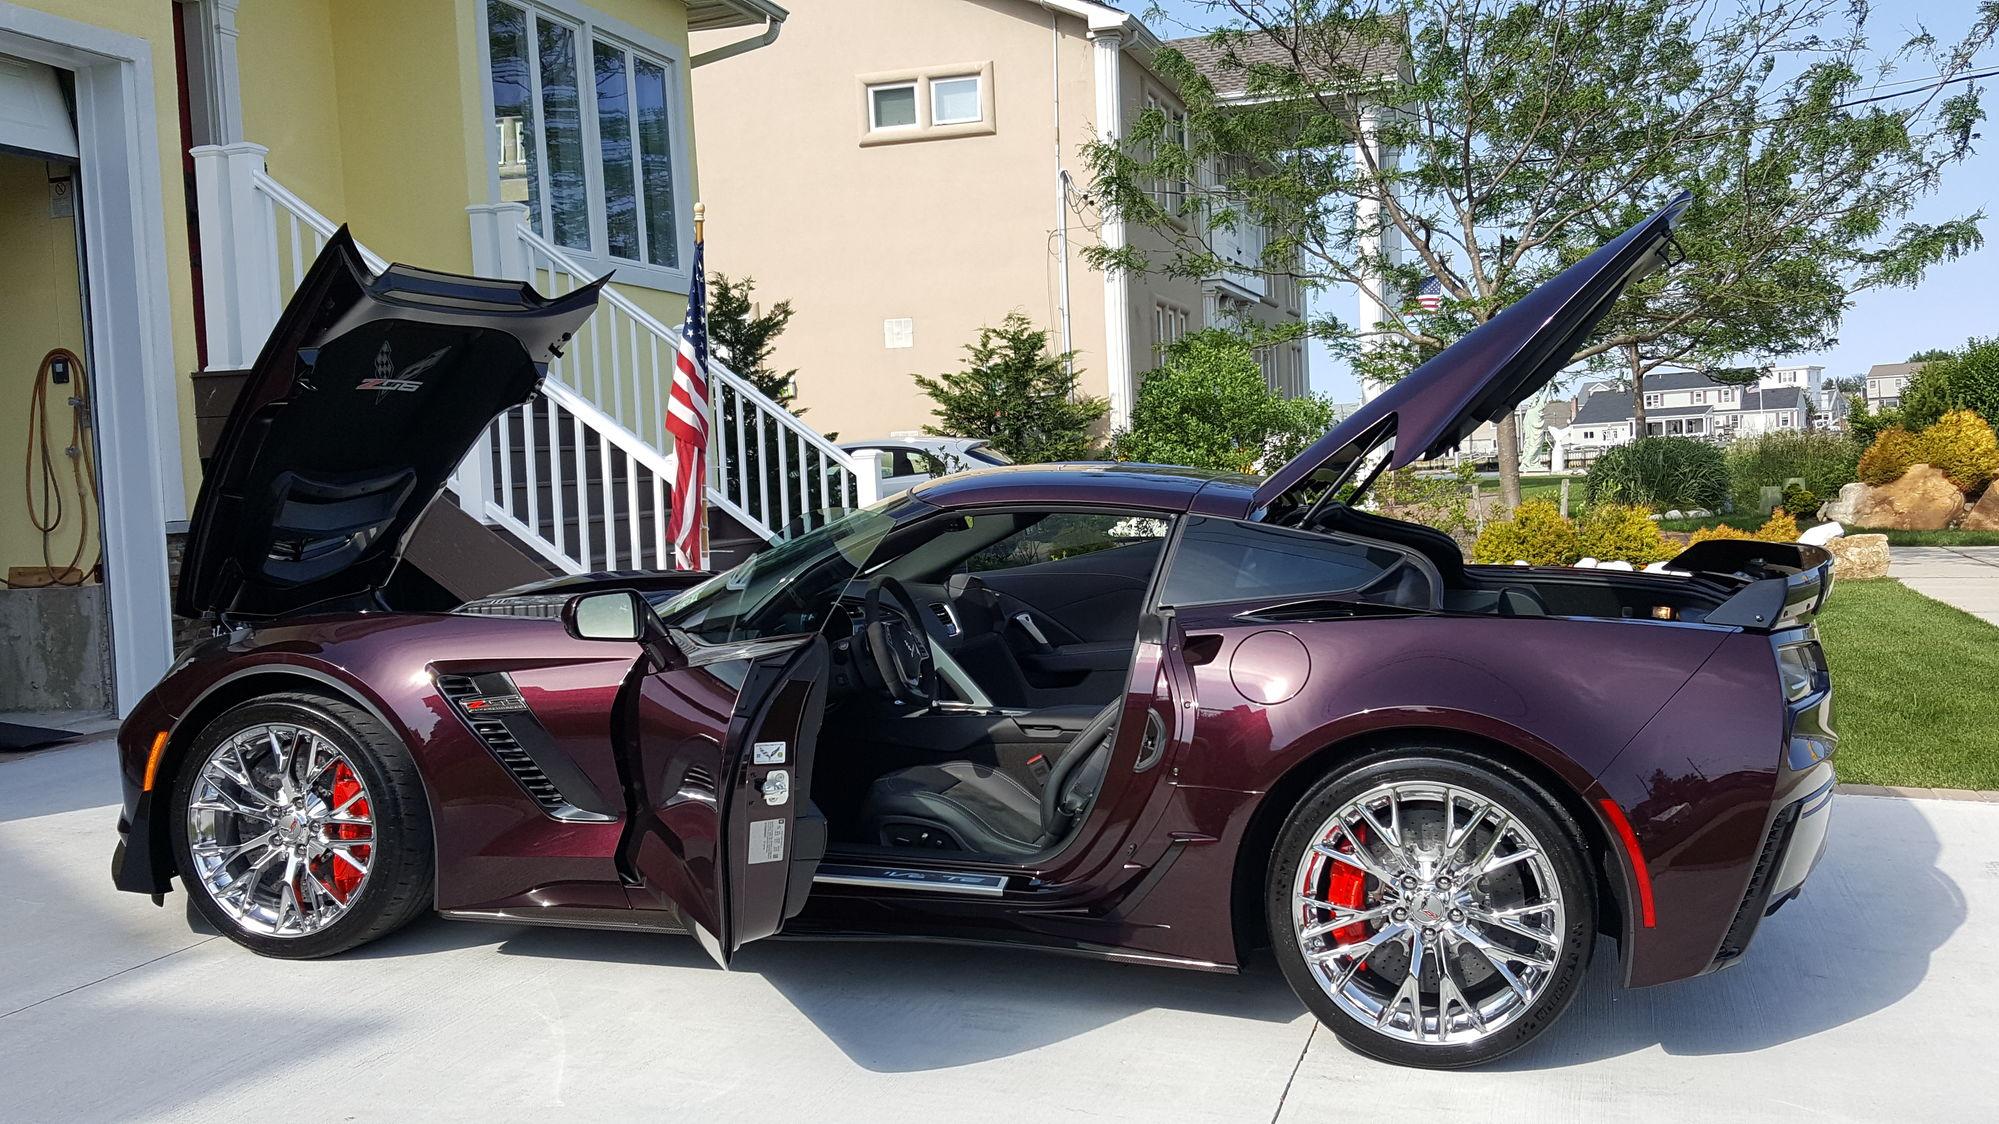 Official Z06 picture thread - Page 104 - CorvetteForum - Chevrolet Corvette Forum Discussion